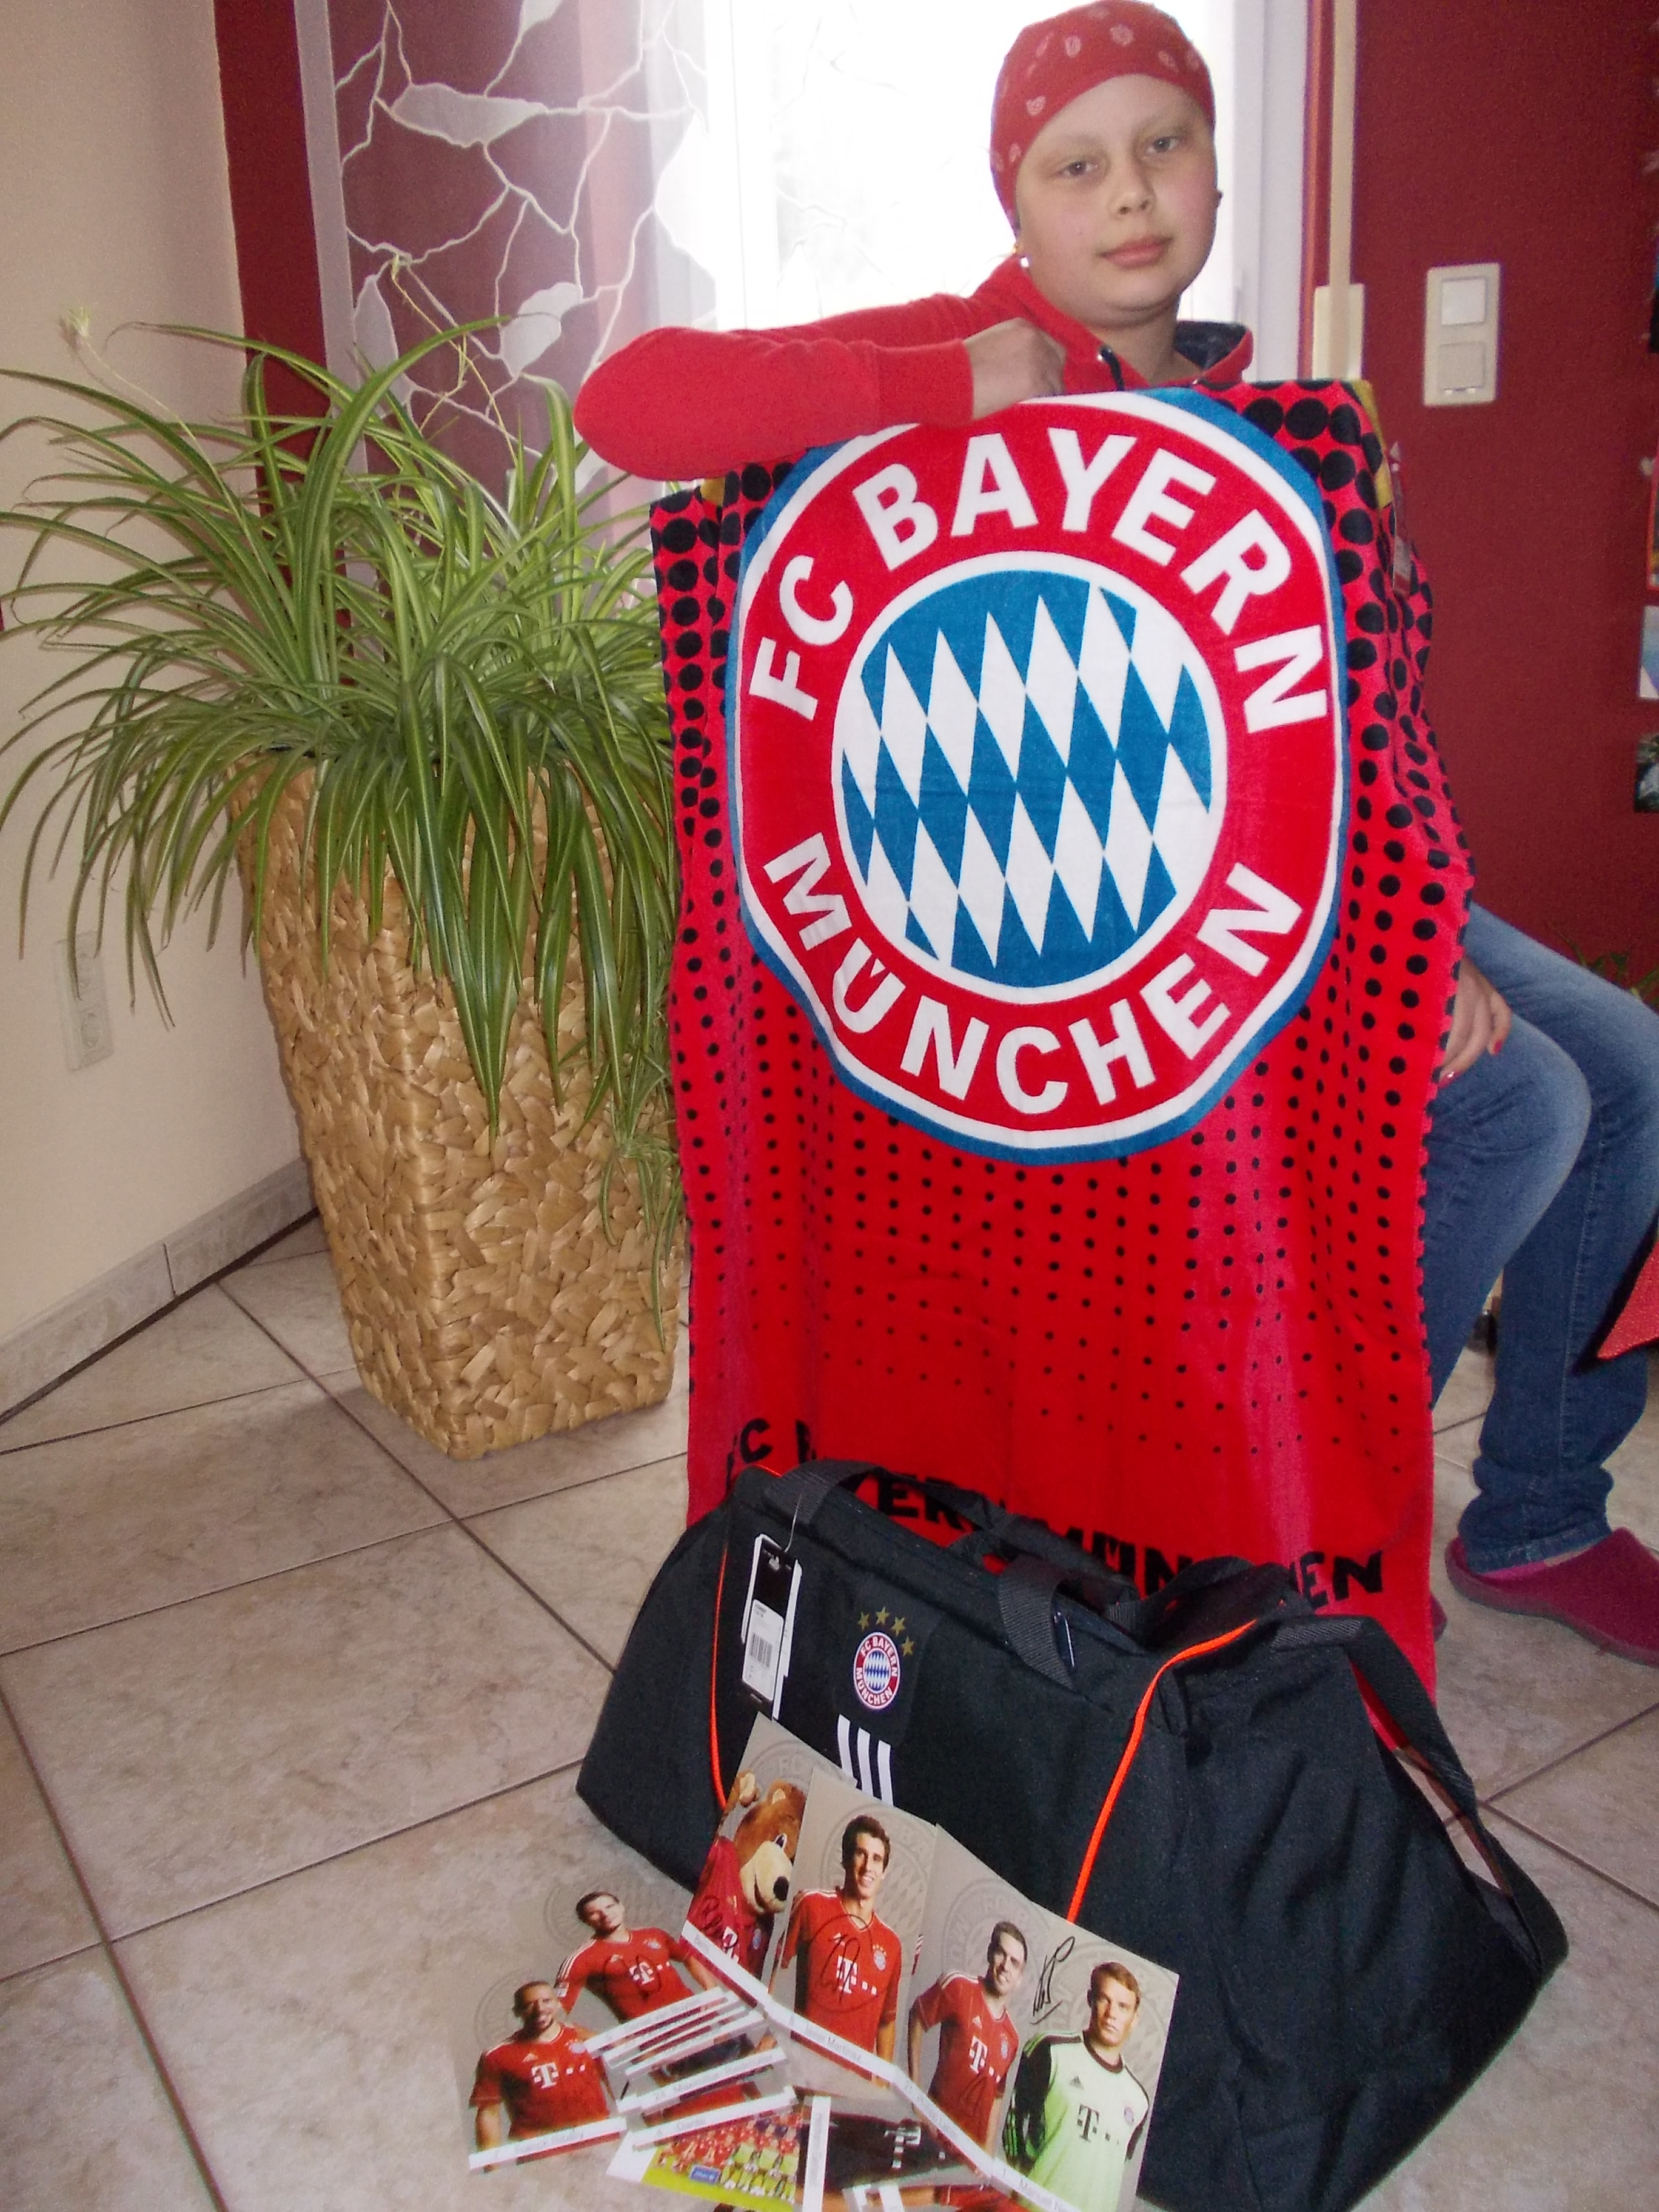 íst ein großer Bayern Fan